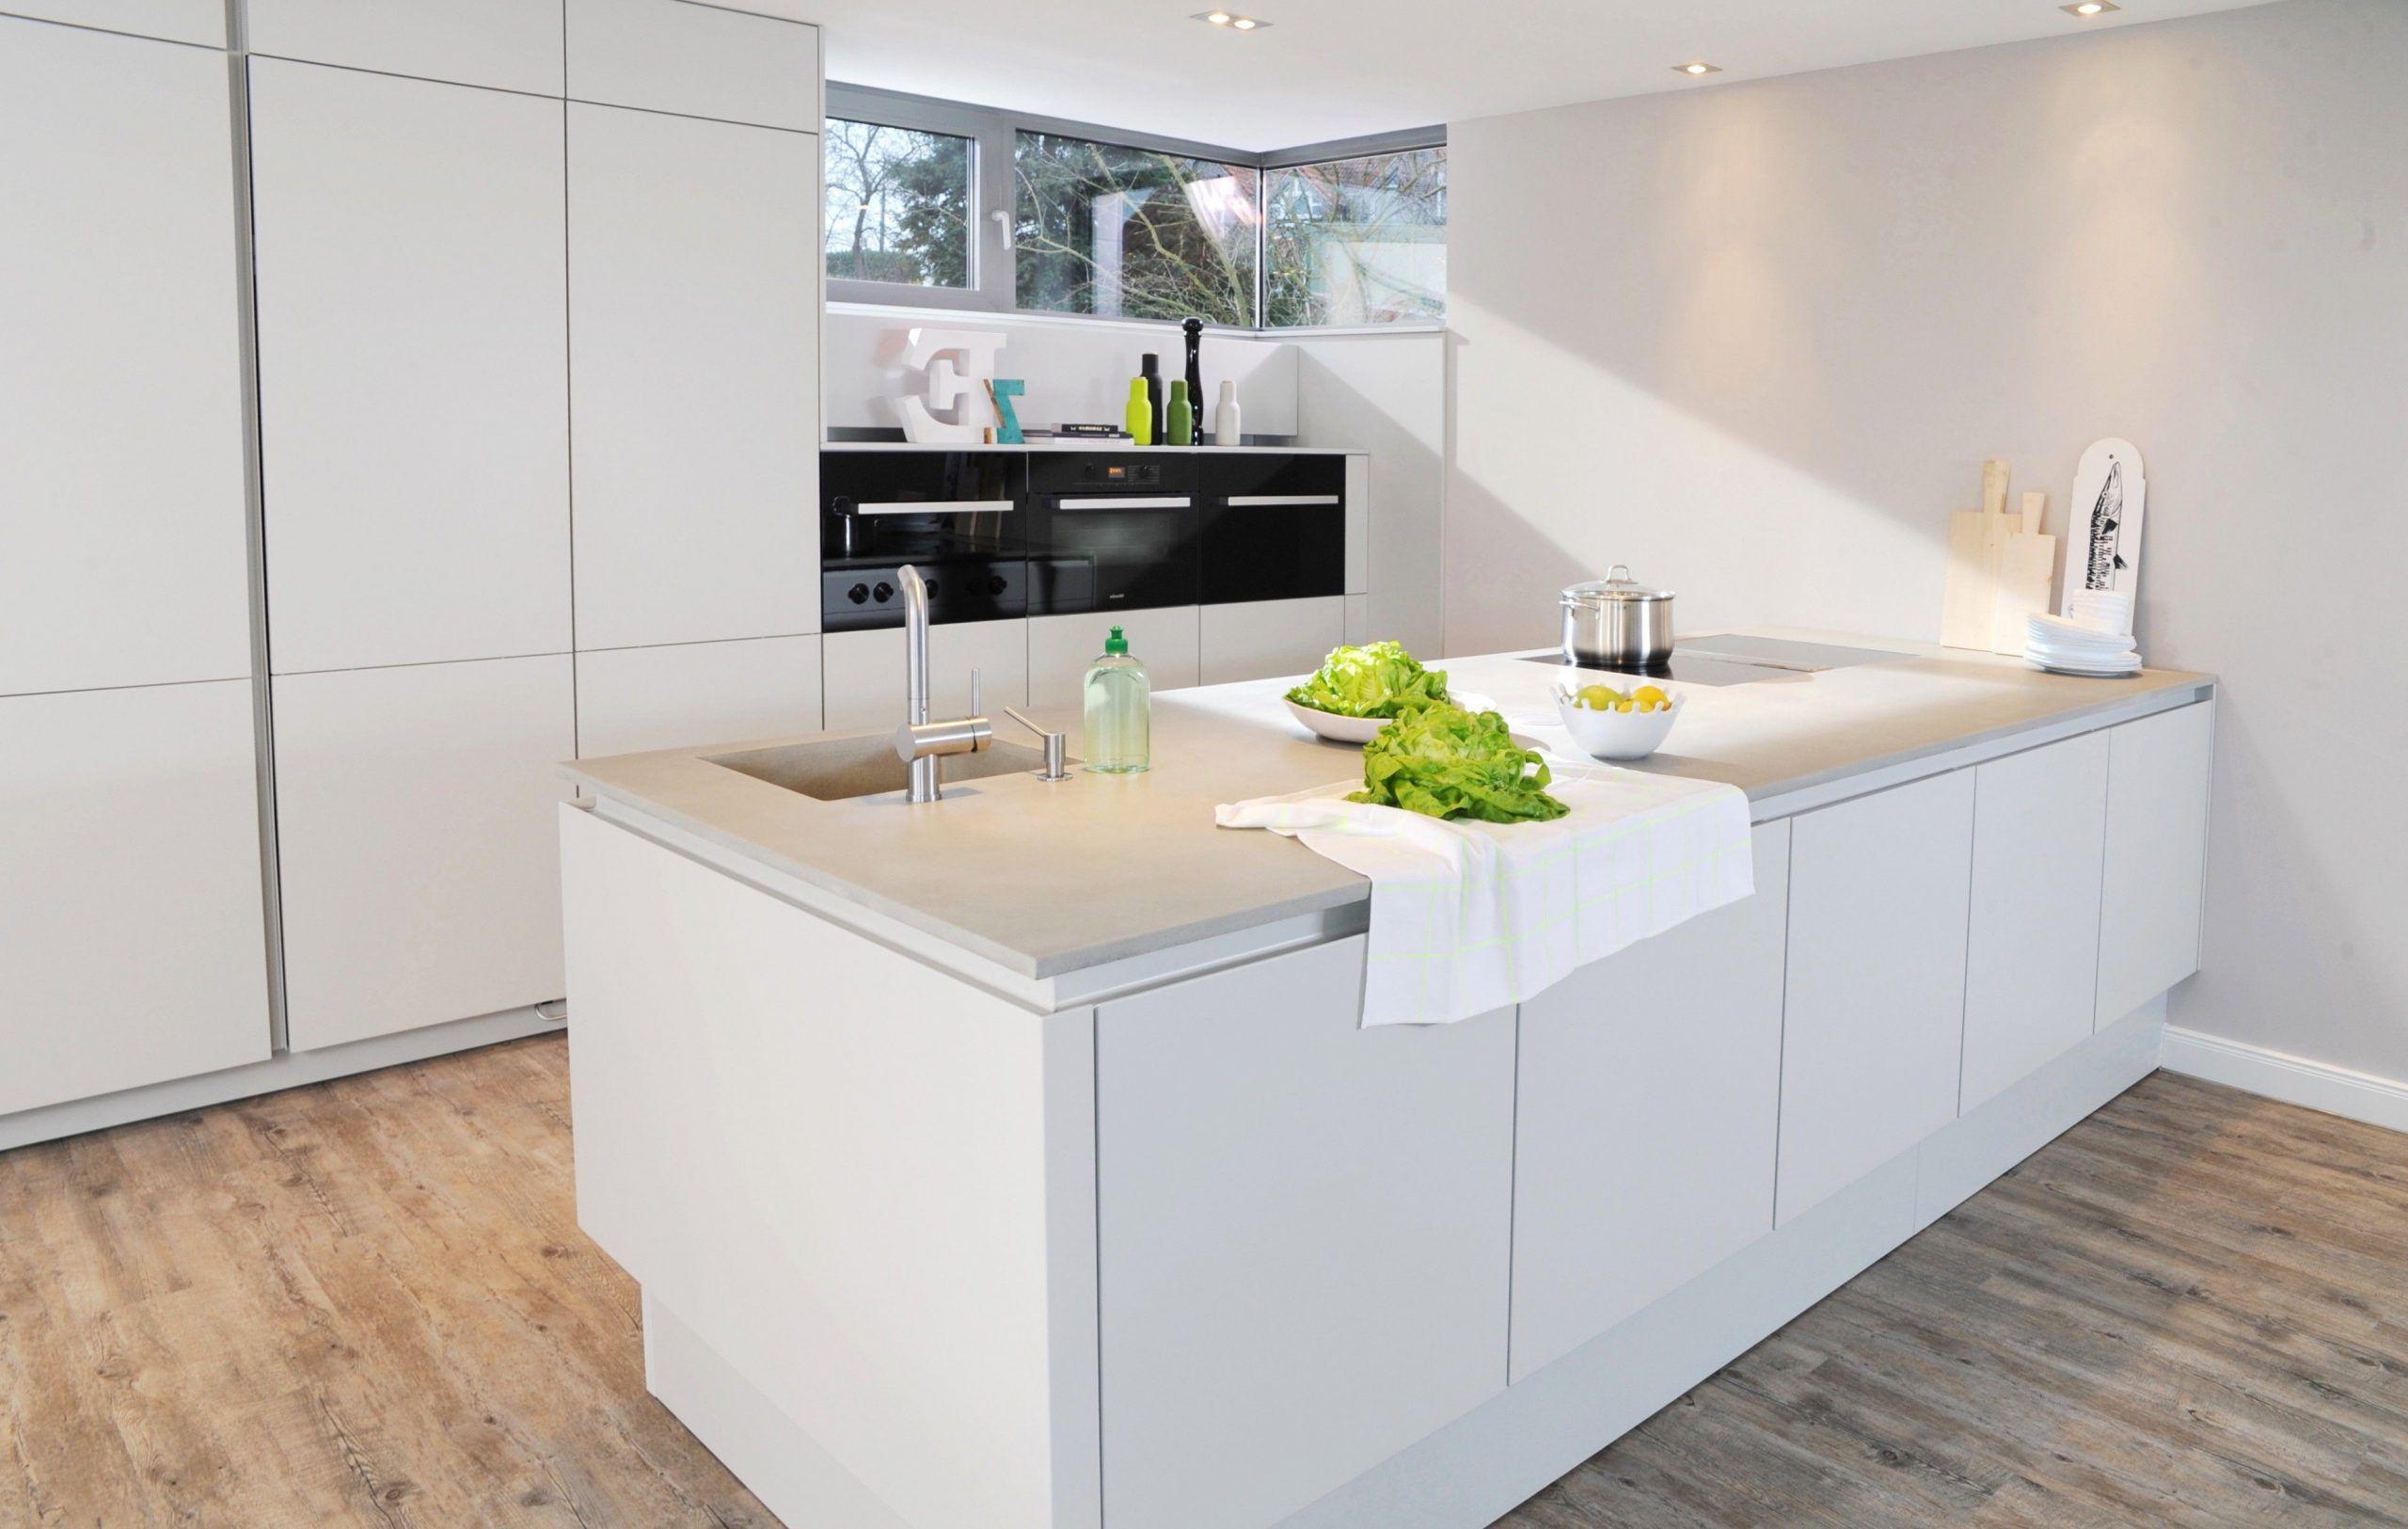 15 Kuche Weiss Hochglanz Arbeitsplatte Grau In 2020 Kuche Kaufen Arbeitsplatte Kuche Kleine Kuche